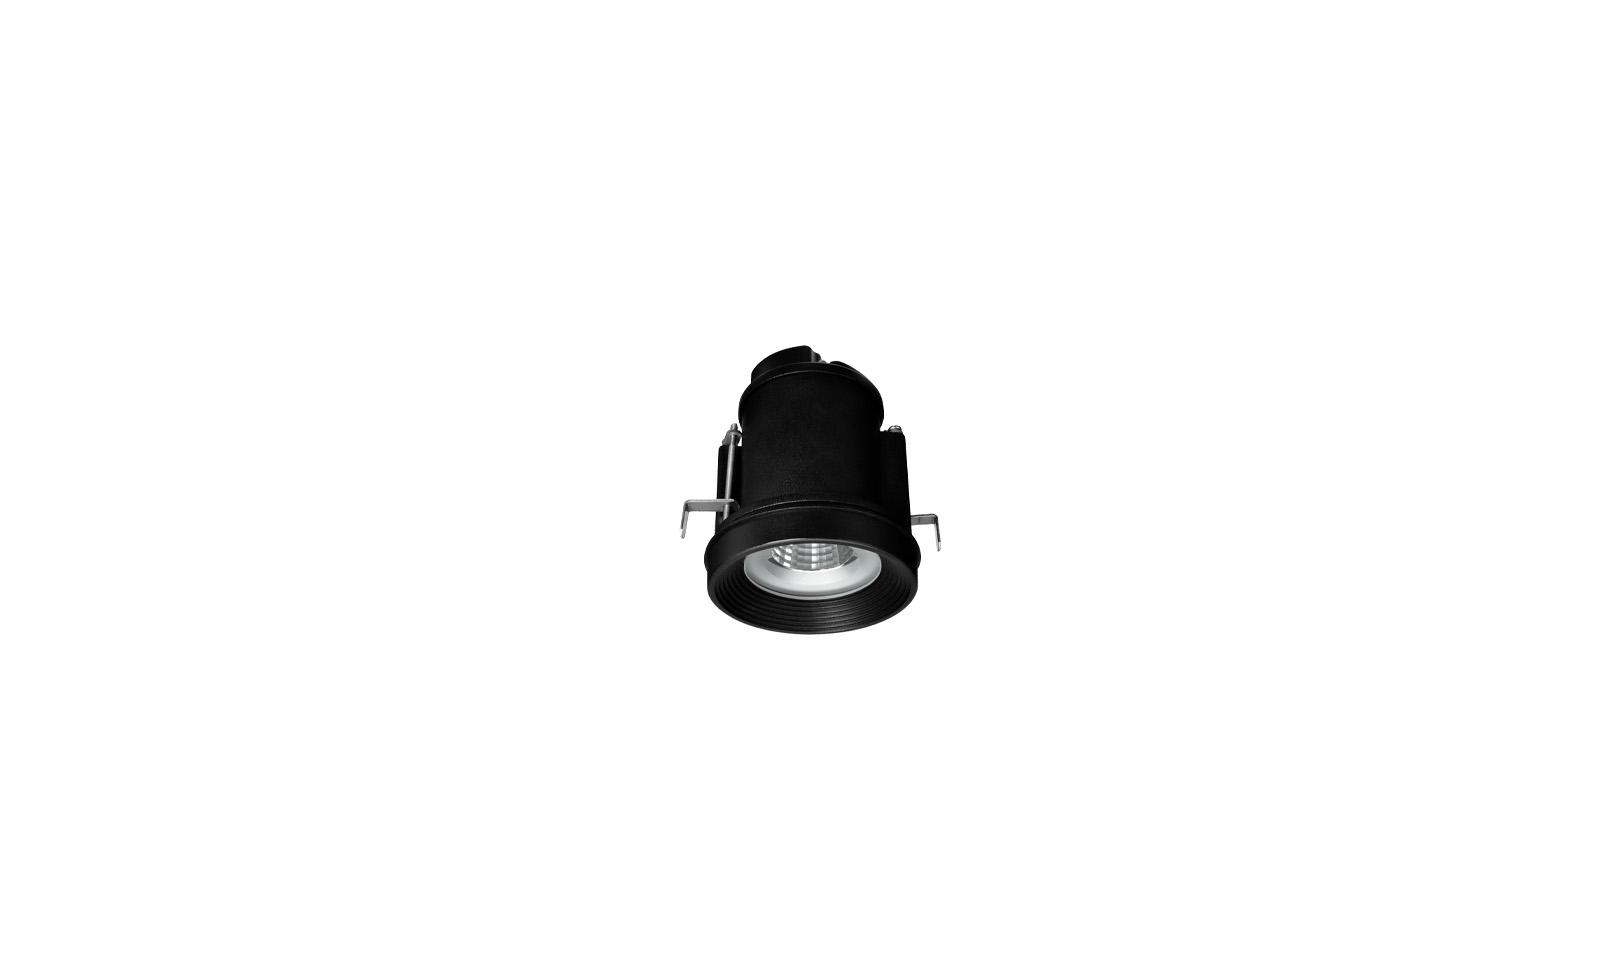 701005 CEILING MINI LED 12W 2